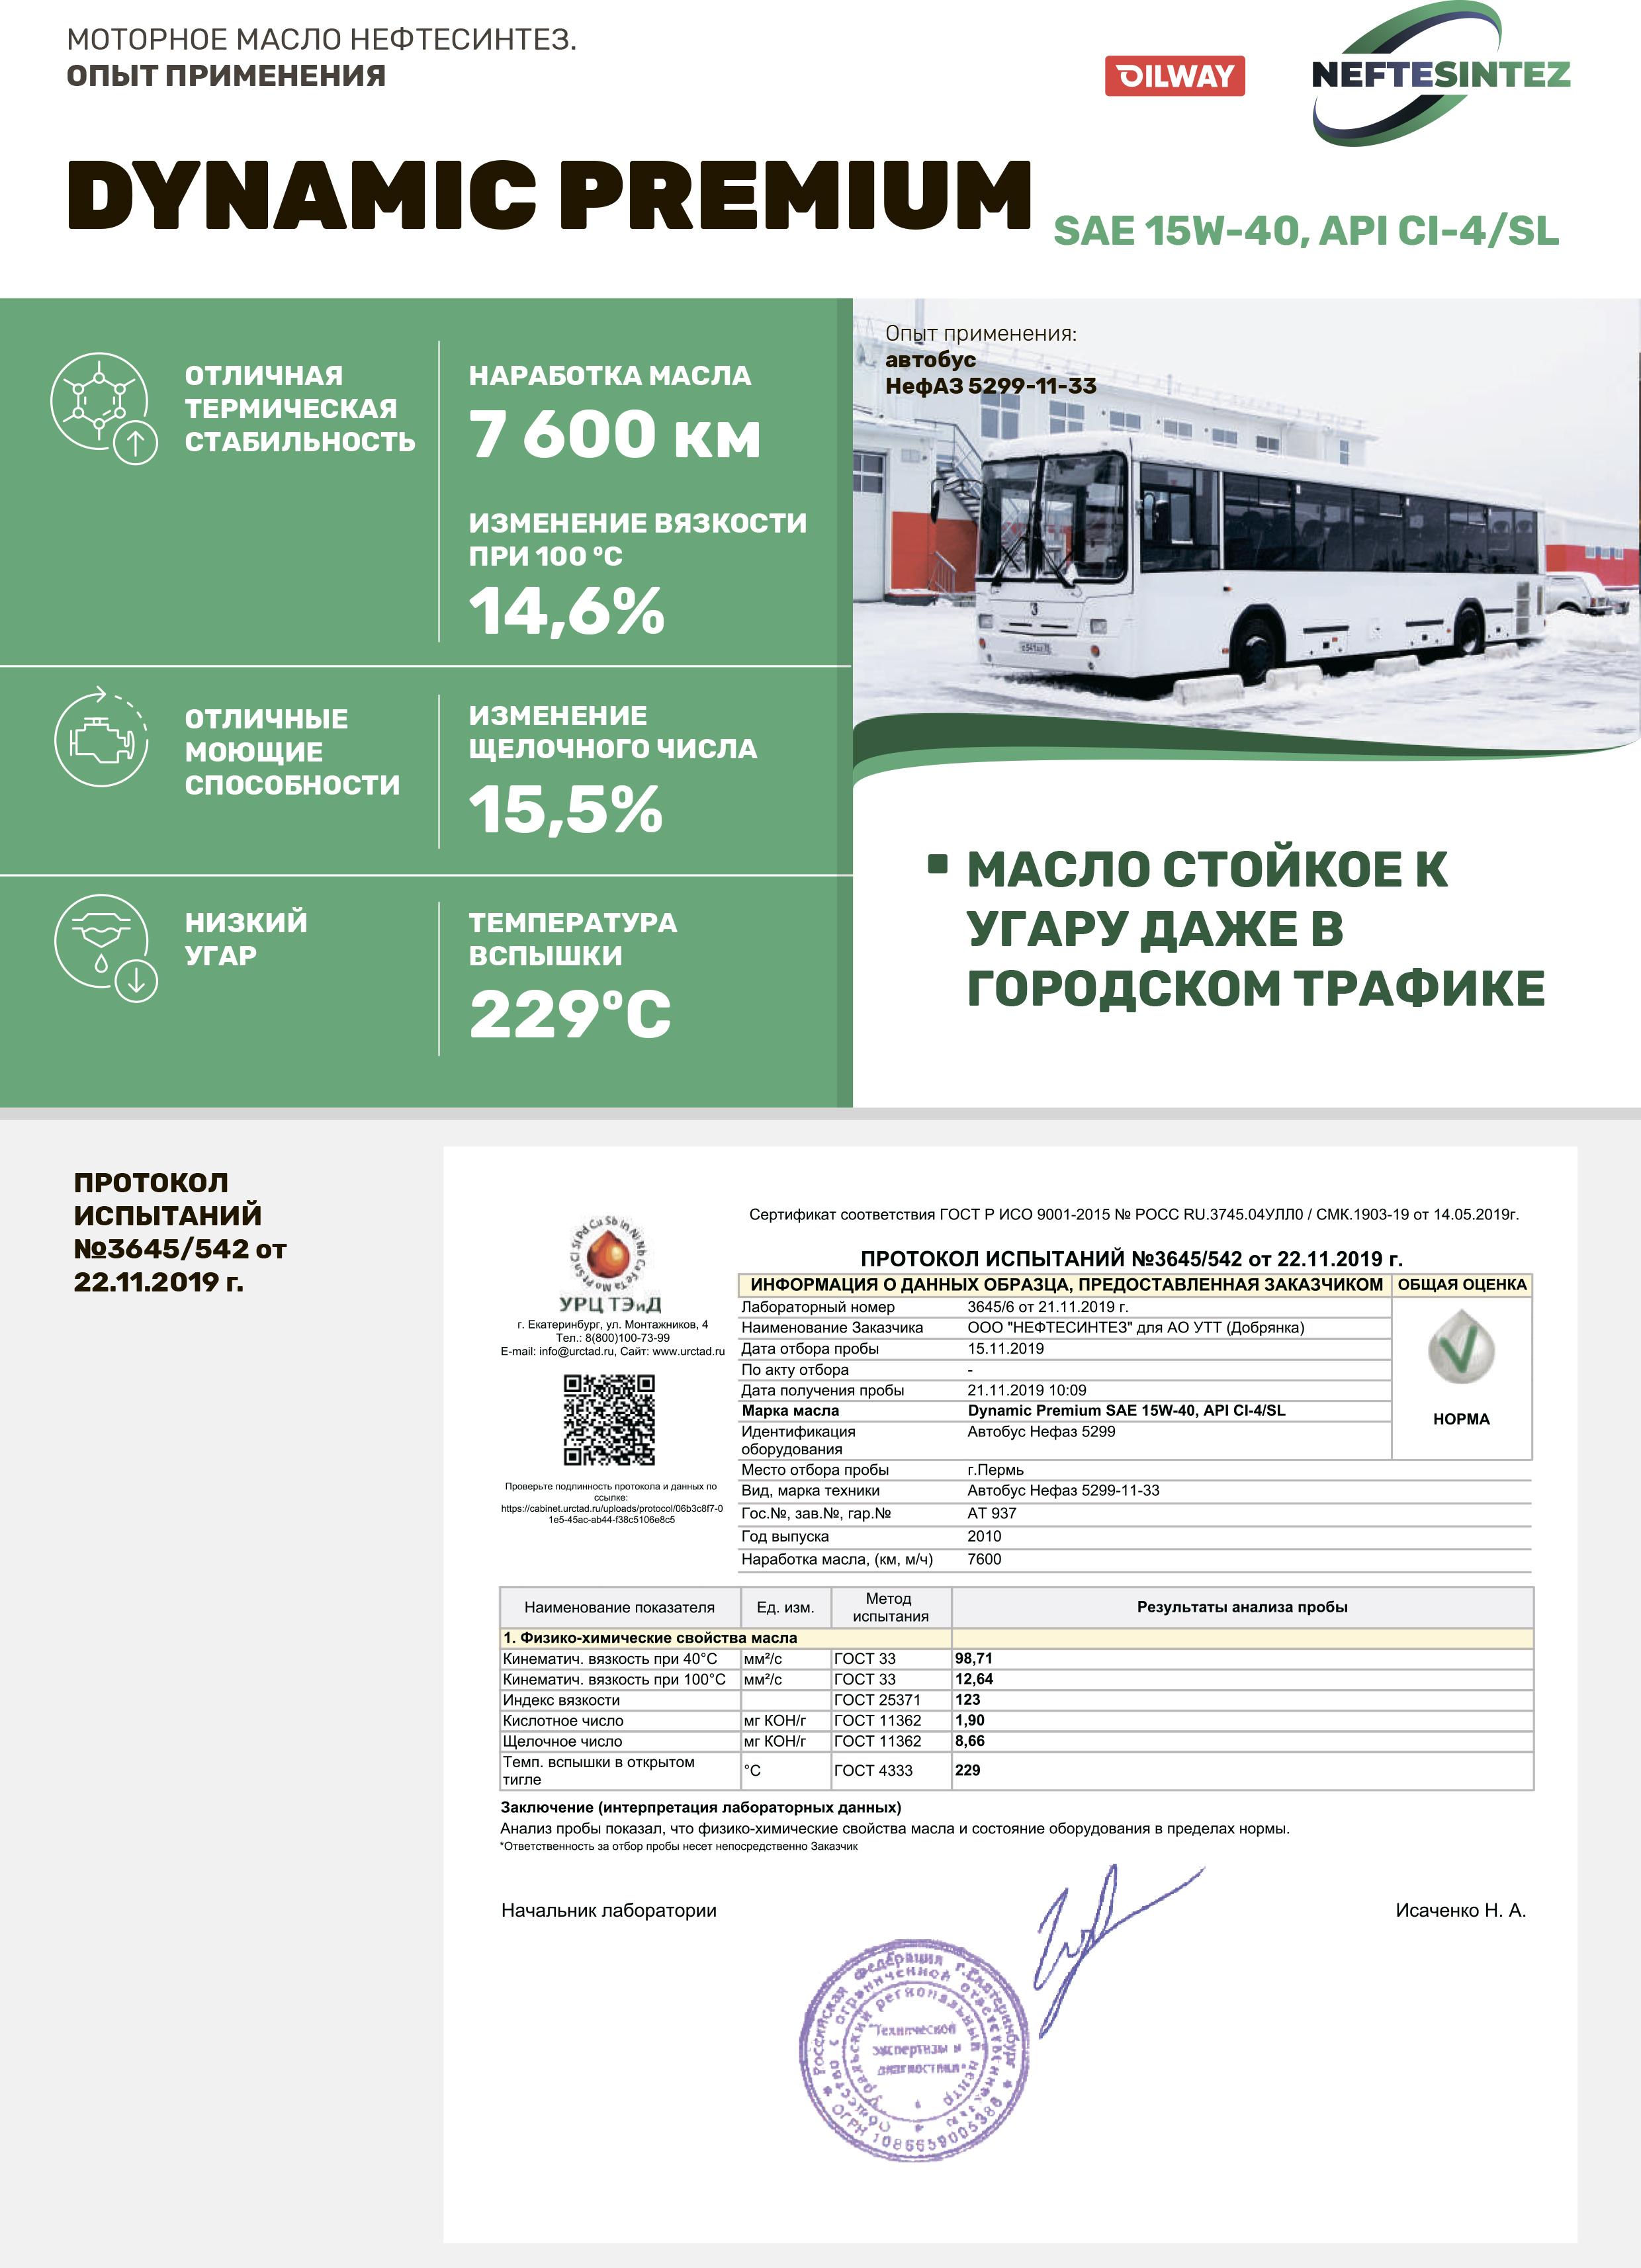 Dynamic Premium 15W-40 (автобус НефАЗ 52